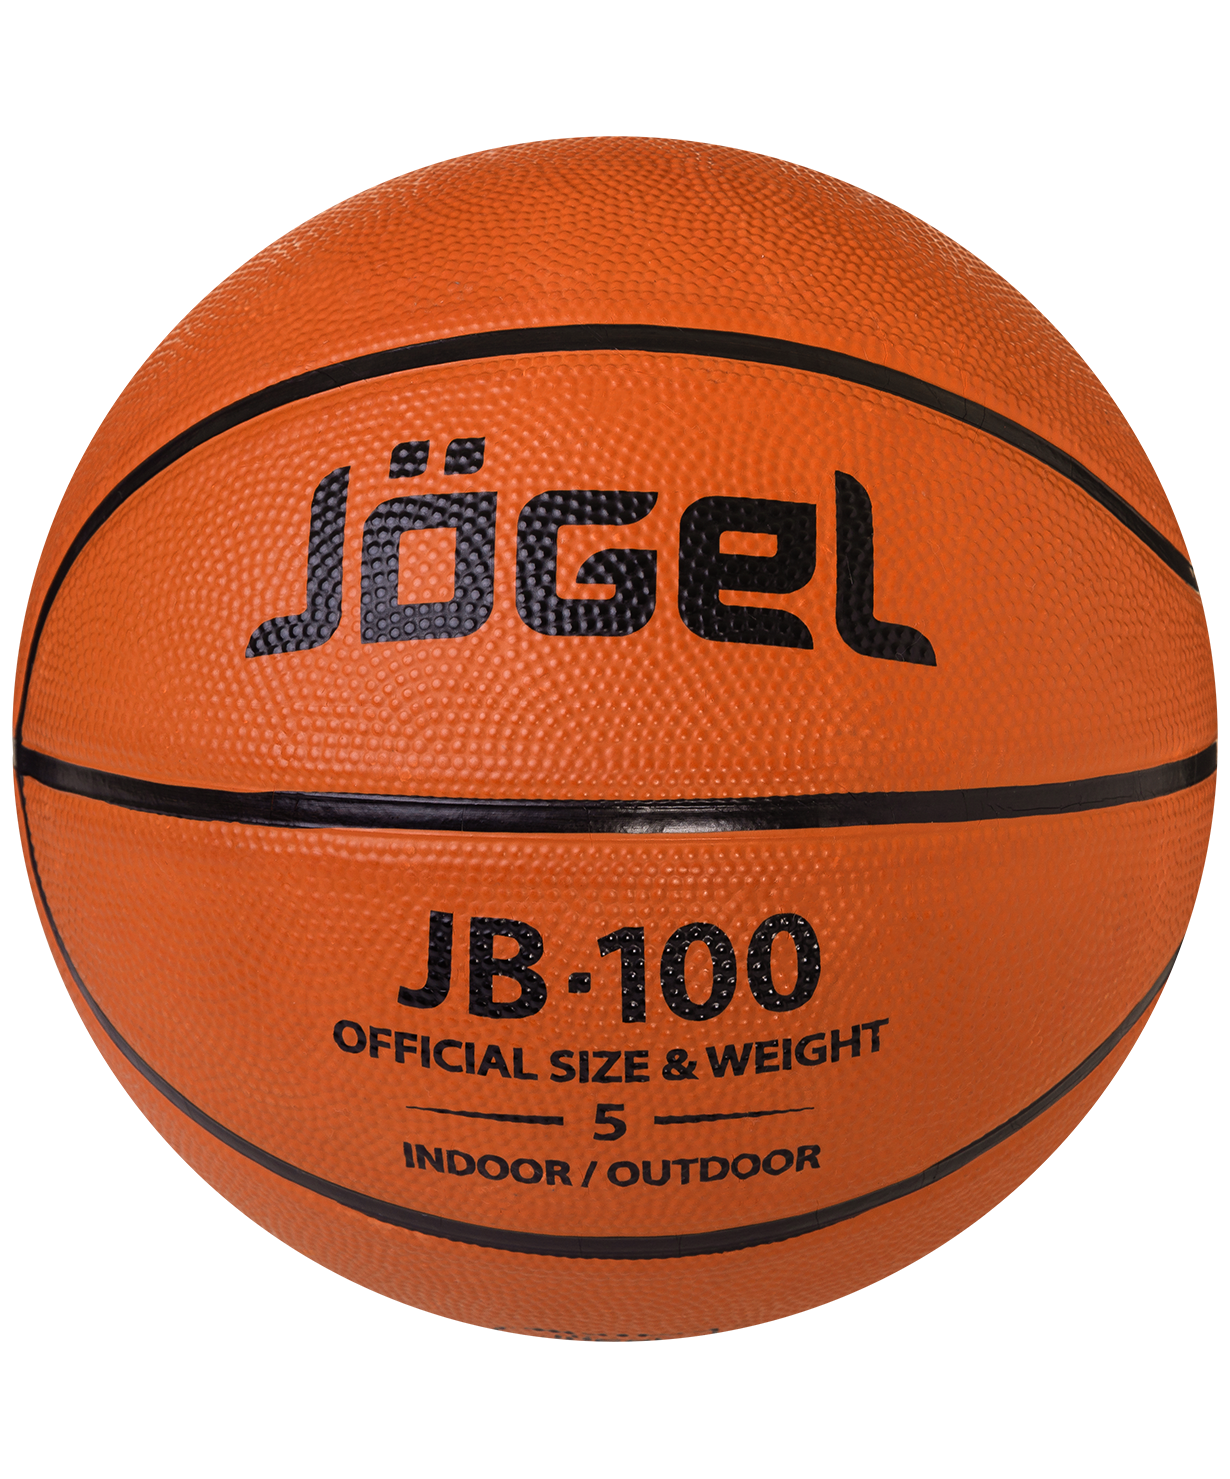 2c2461da Мяч баскетбольный Jögel JB-100 №5 (5) ― купить в Москве. Цена, фото ...